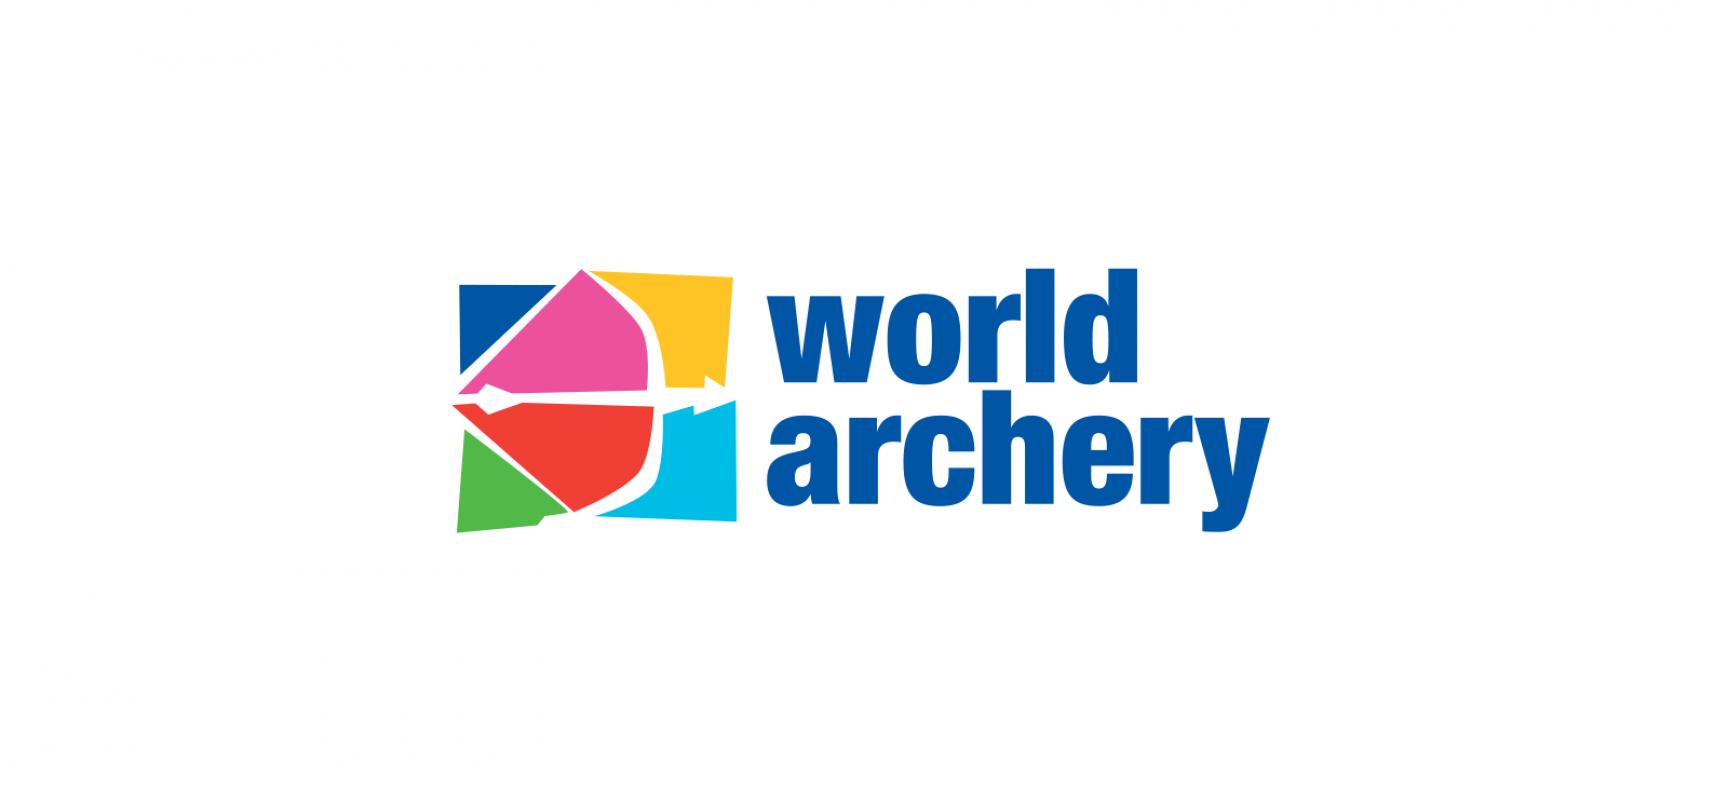 Ανακοίνωση  απόφασης της WORLD ARCHERY περί αναστολής διεξαγωγής αγώνων εως  30/06/2020